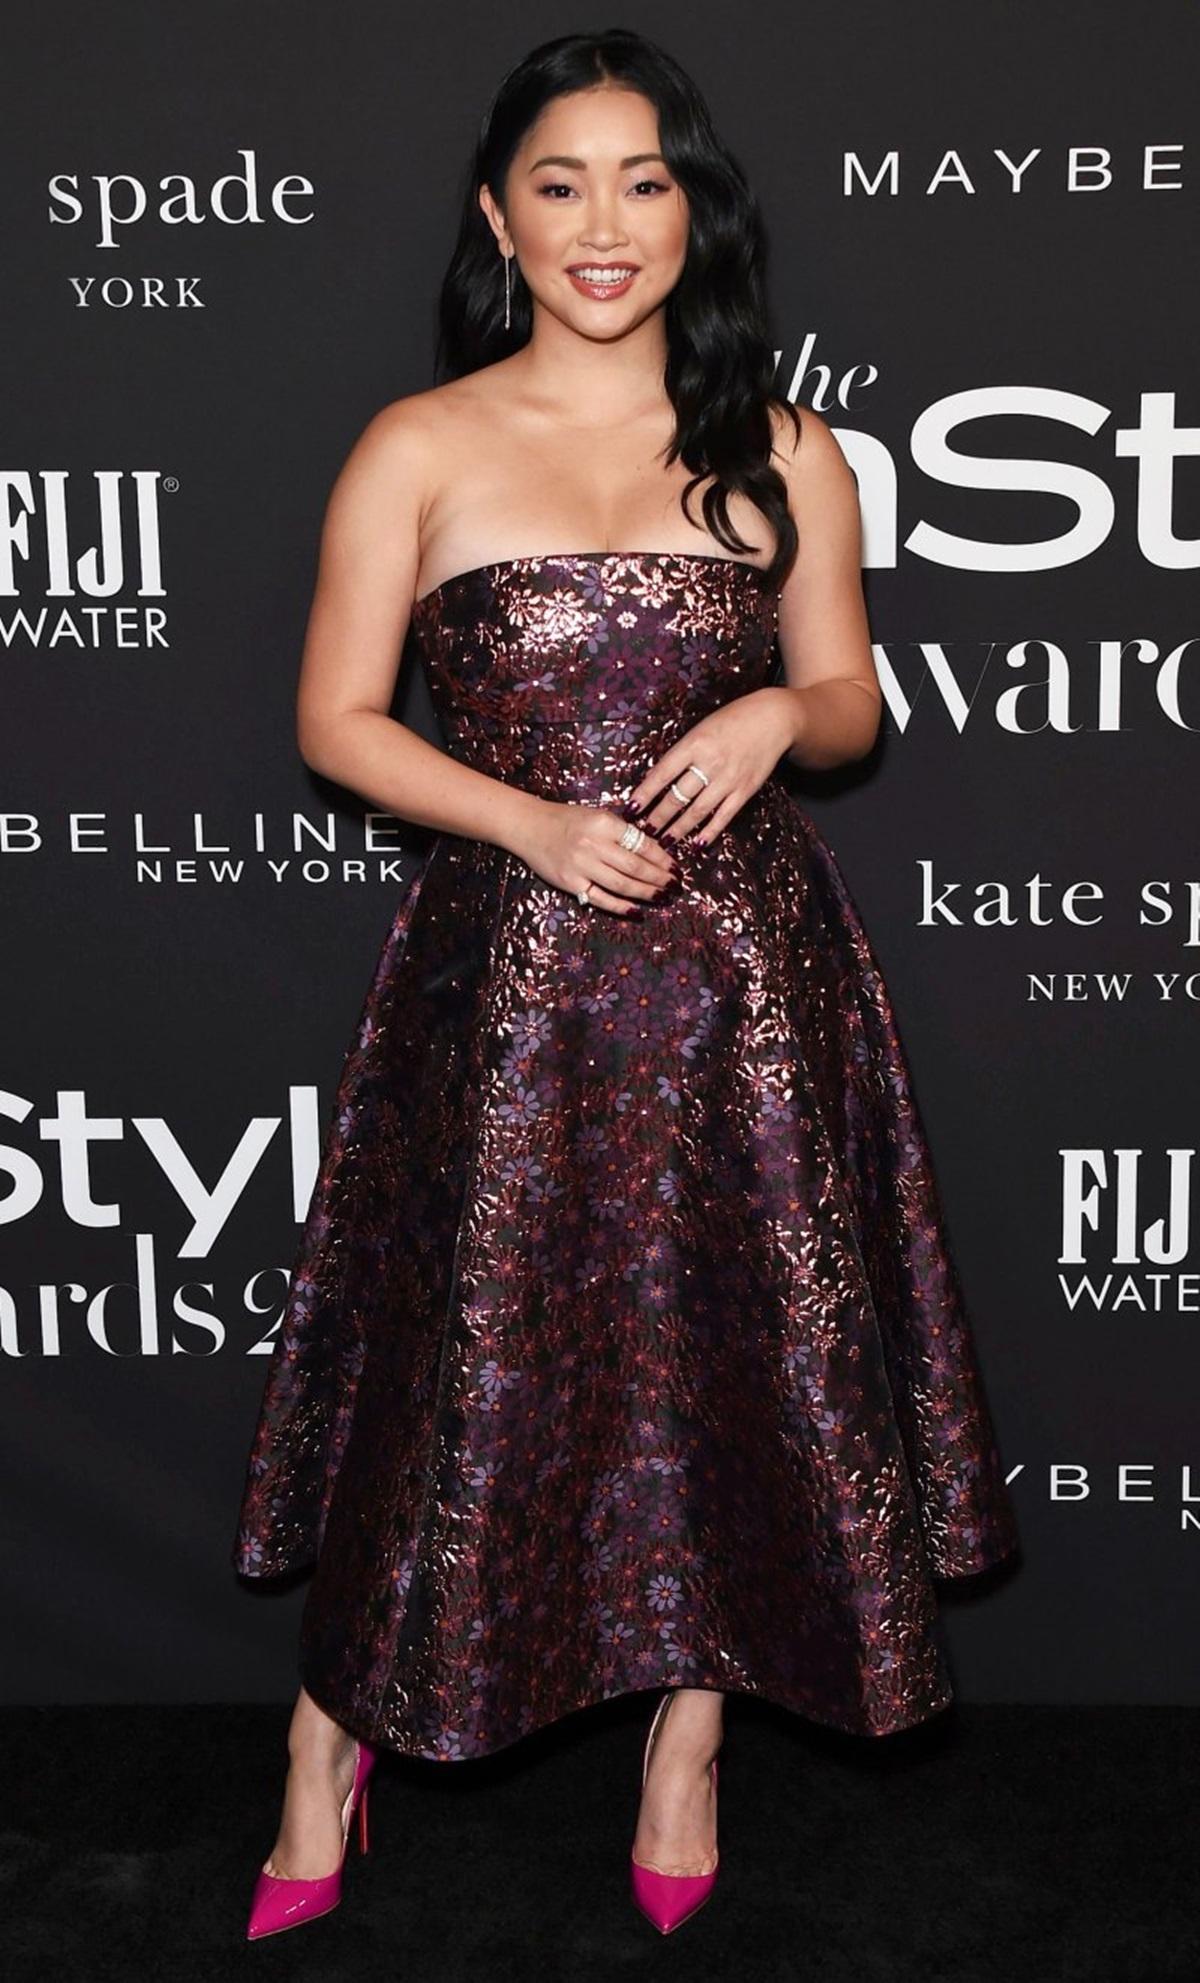 Tại Lễ trao giải InStyle 2019, Lana uốn tóc xoăn nhẹ, khoe vai trần với đầm quây hoa tím Kate Spade. Ảnh: Shutterstock.